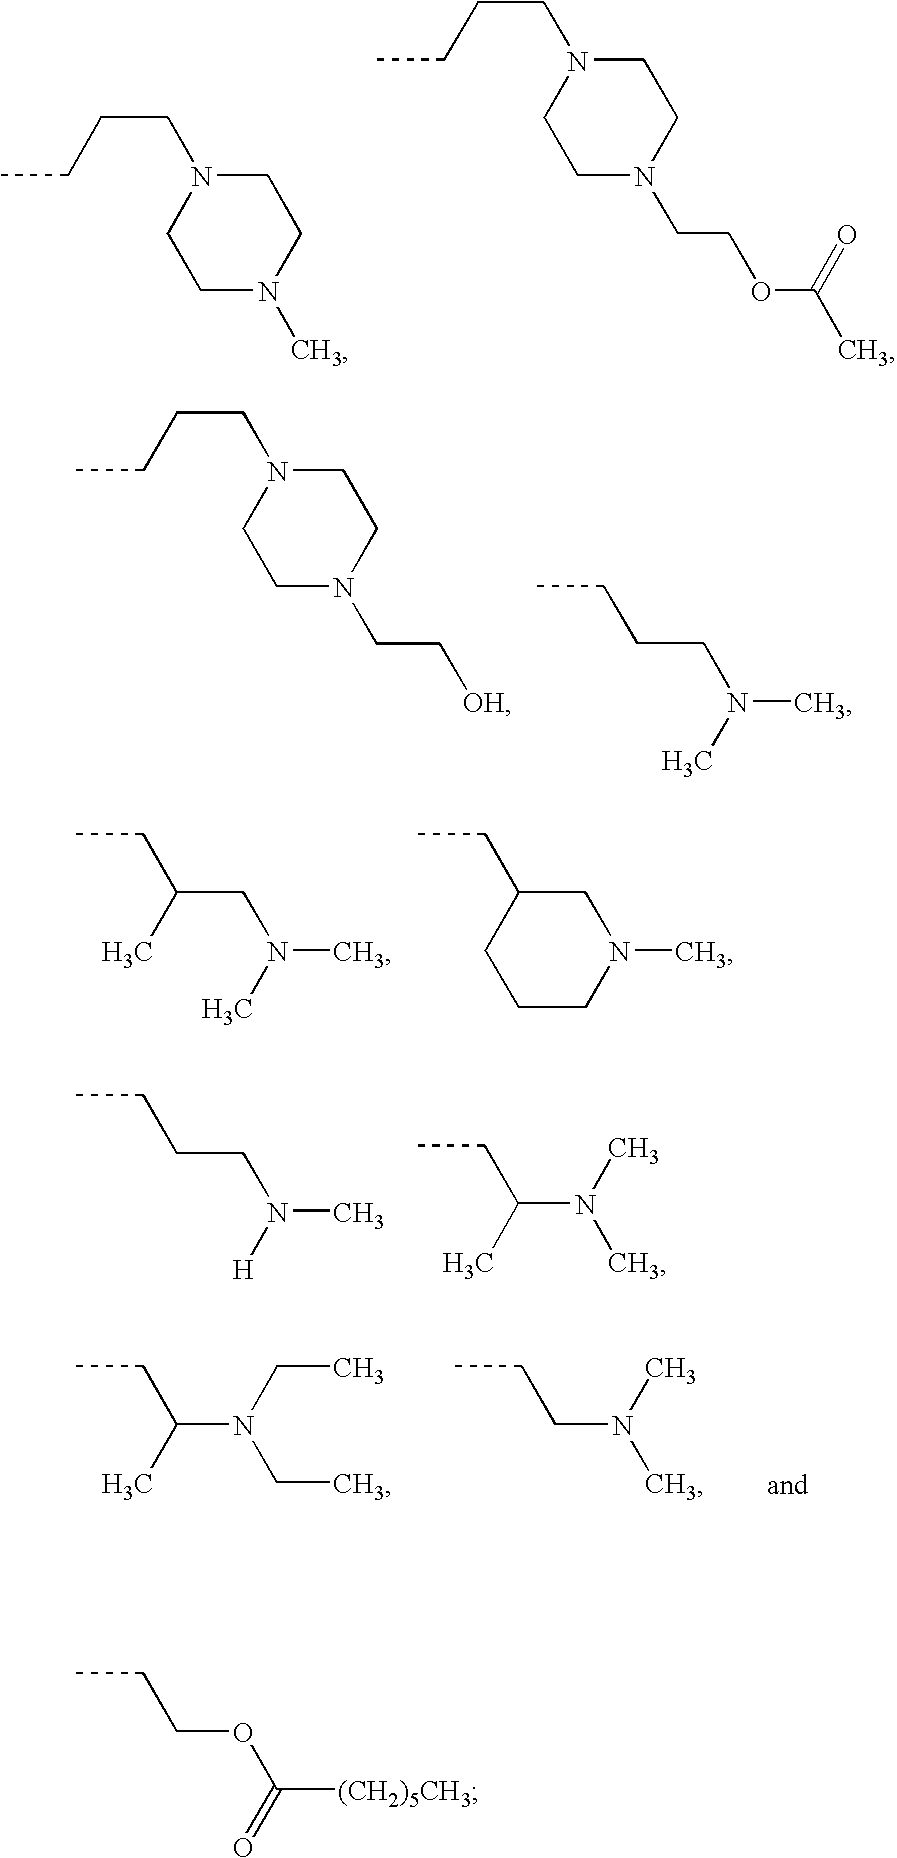 Figure US20070208134A1-20070906-C00075